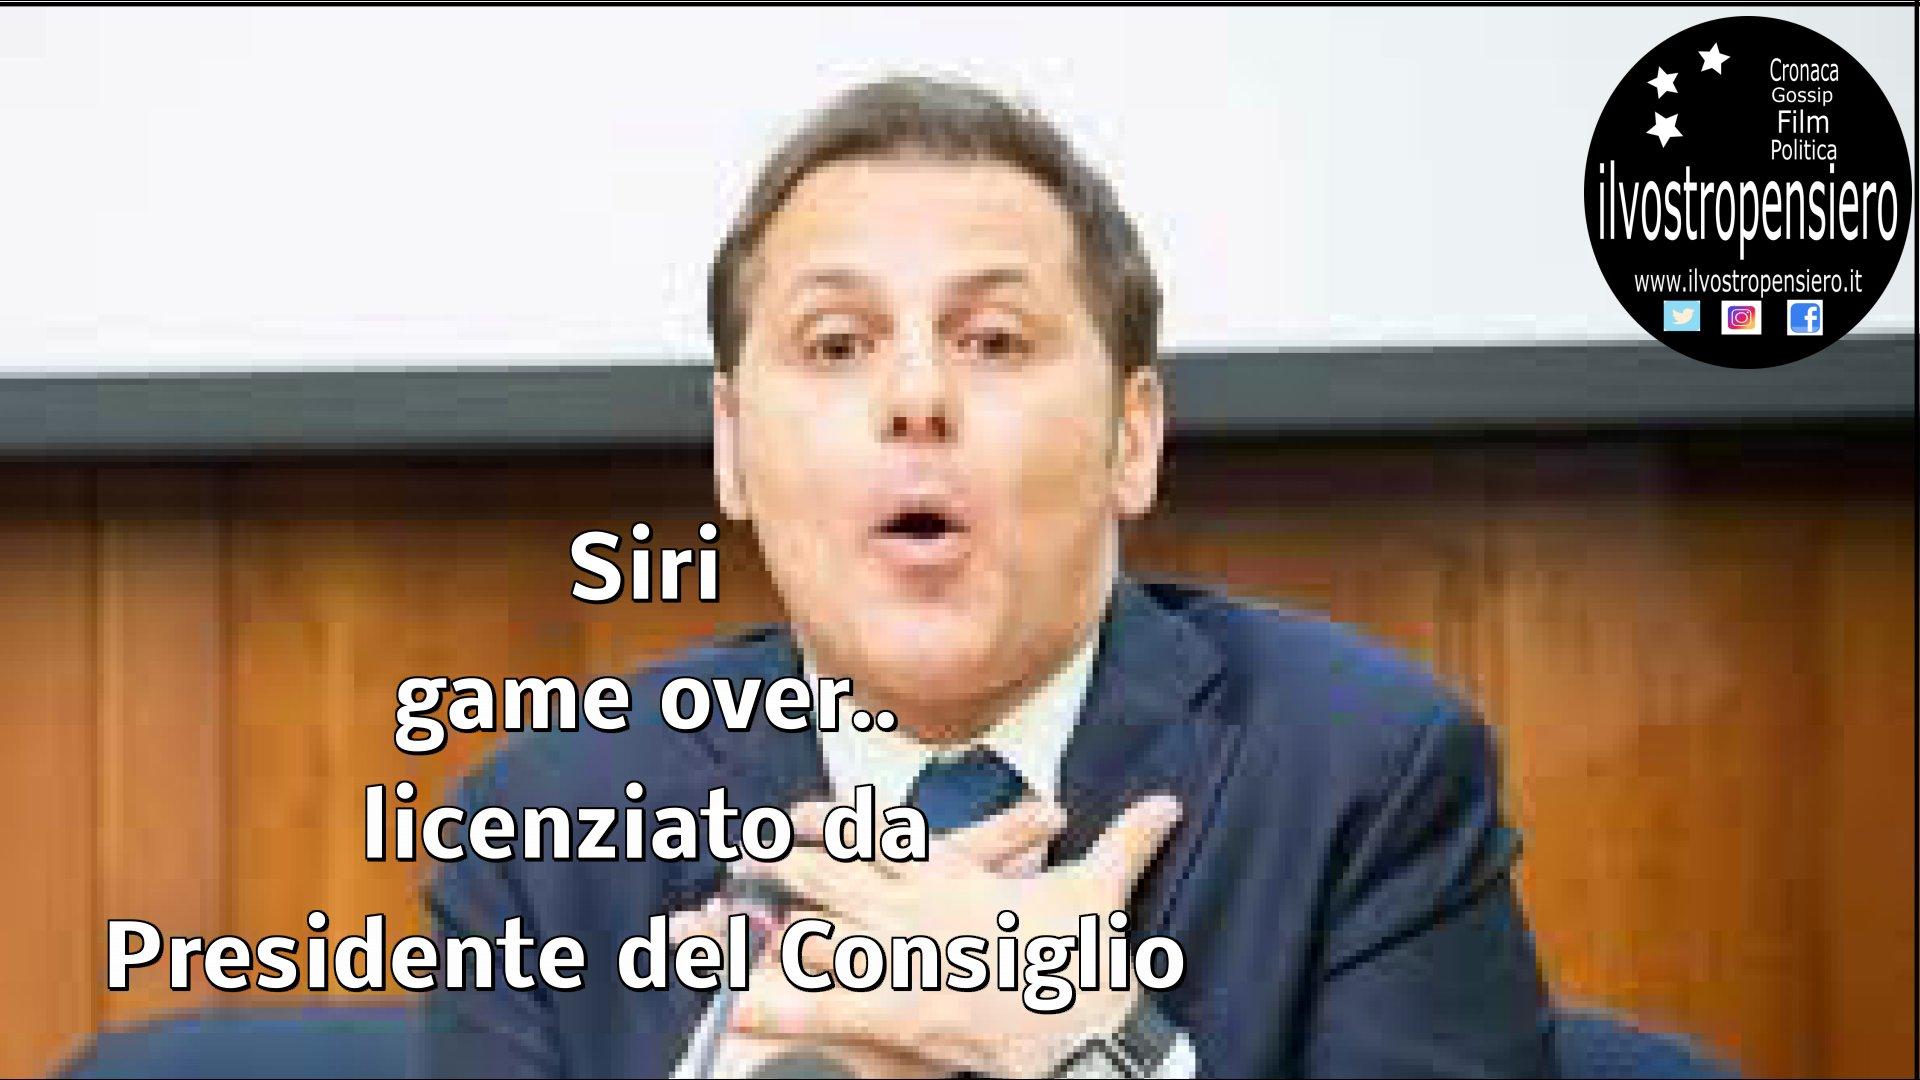 Caso Siri: Game over per il sottosegretario della Lega, licenziato da G.Conte